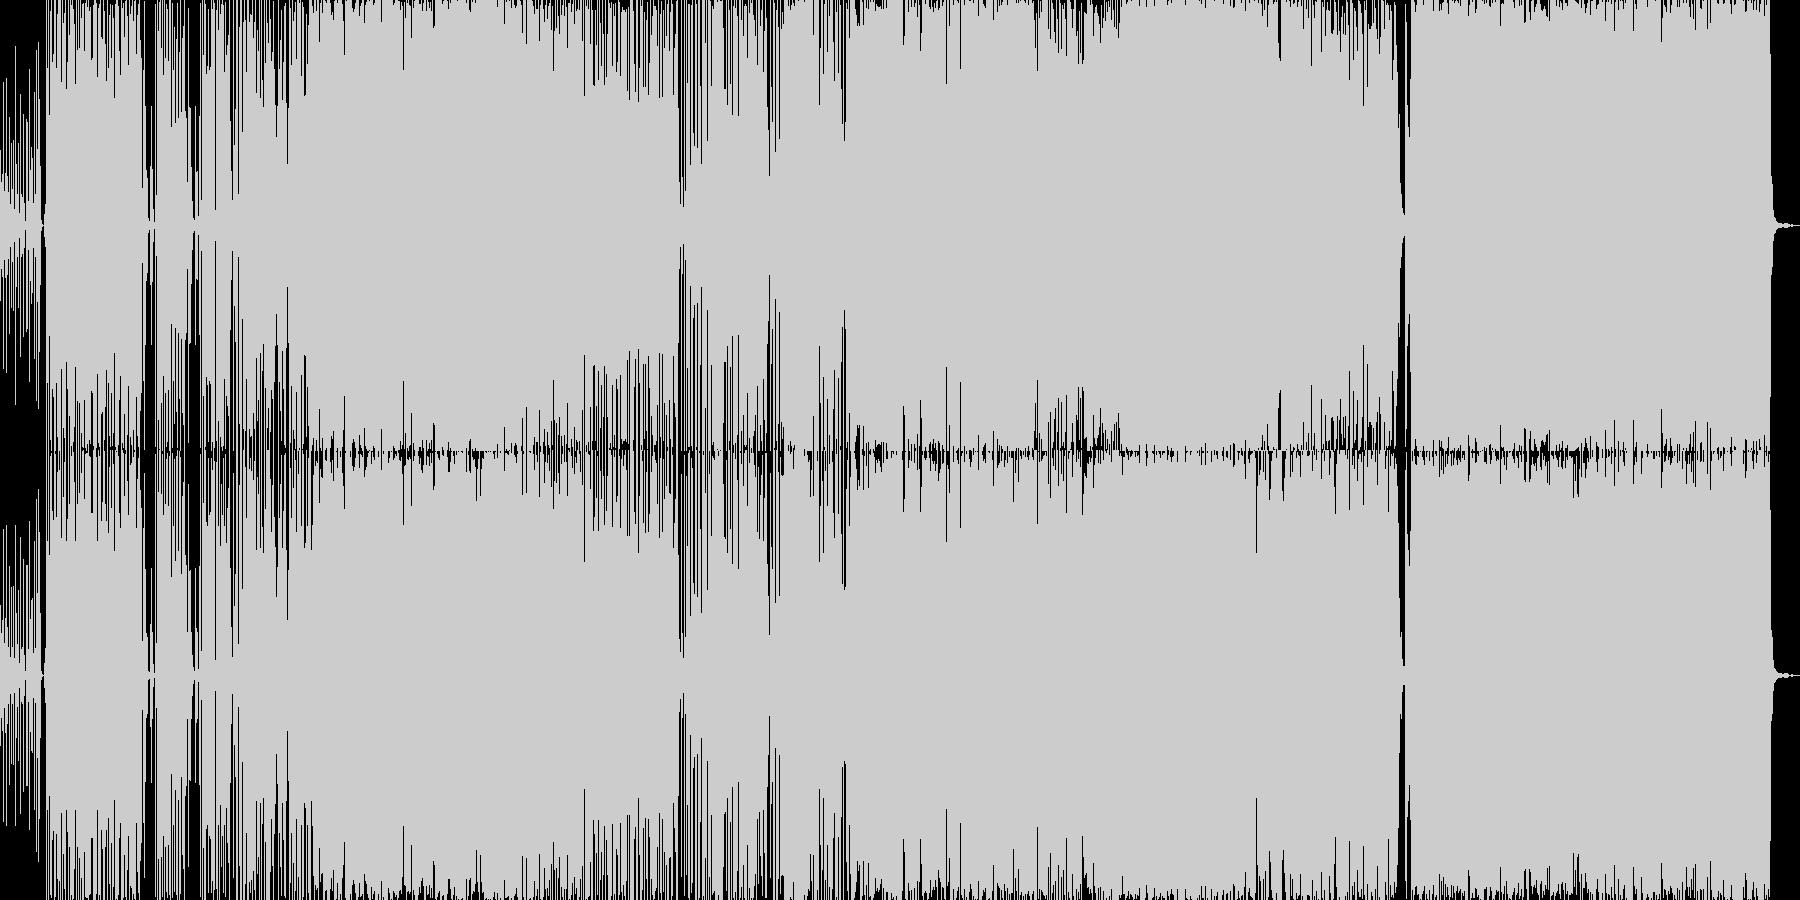 ベース音楽曲です。疾走感あふれるスラッ…の未再生の波形